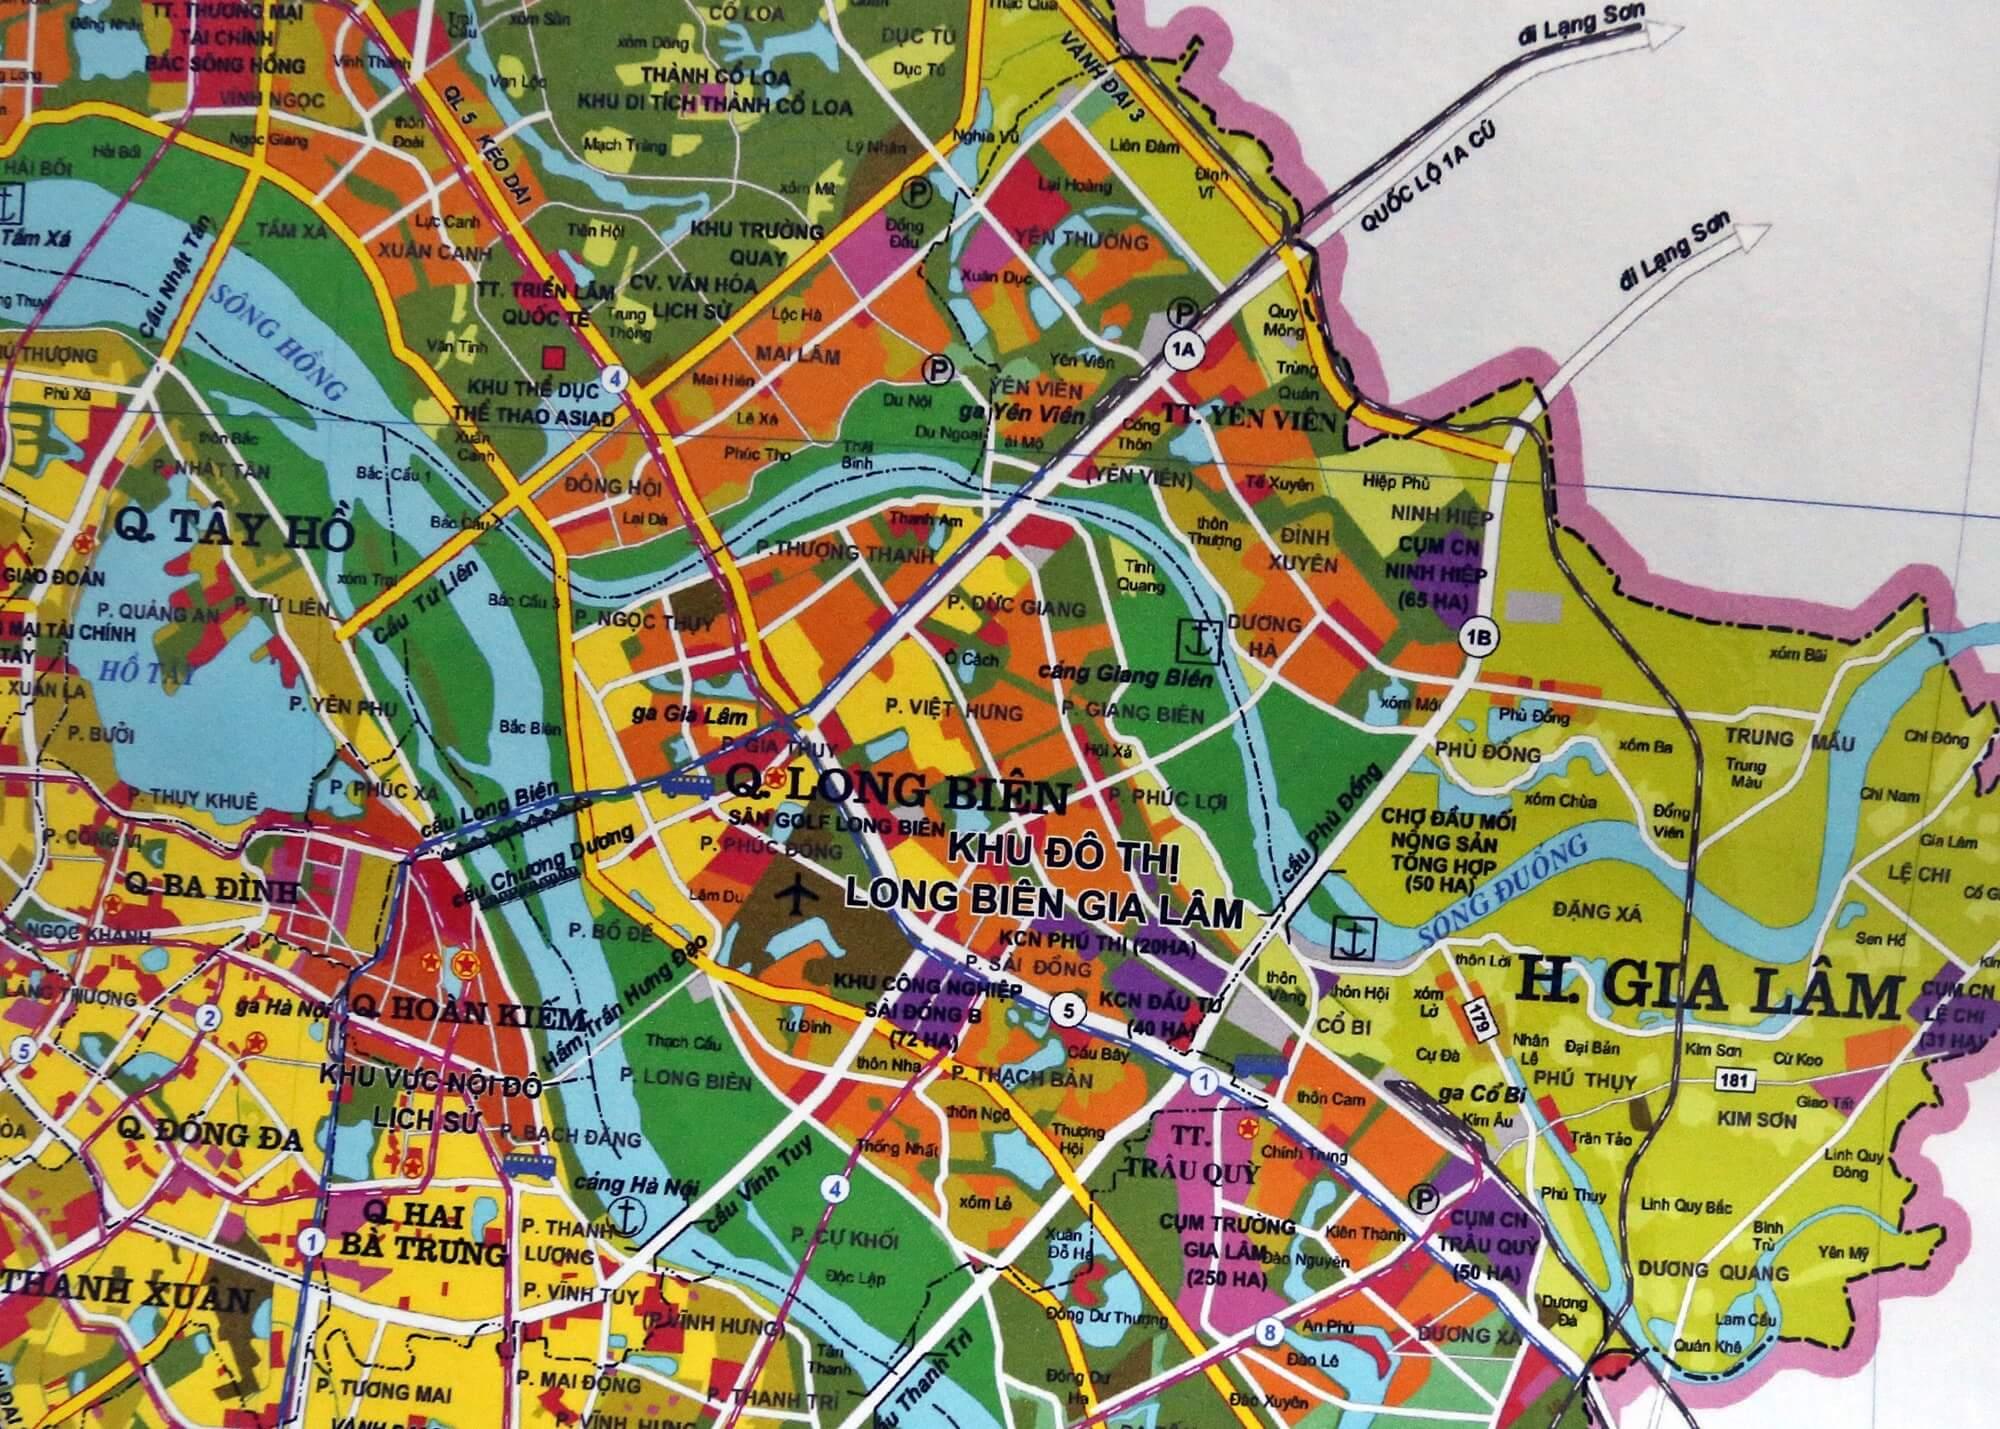 Hiện cầu Đuống cũ đang giới hạn tải trọng nên áp lực giao thông đang dồn lên cầu Thanh Trì.